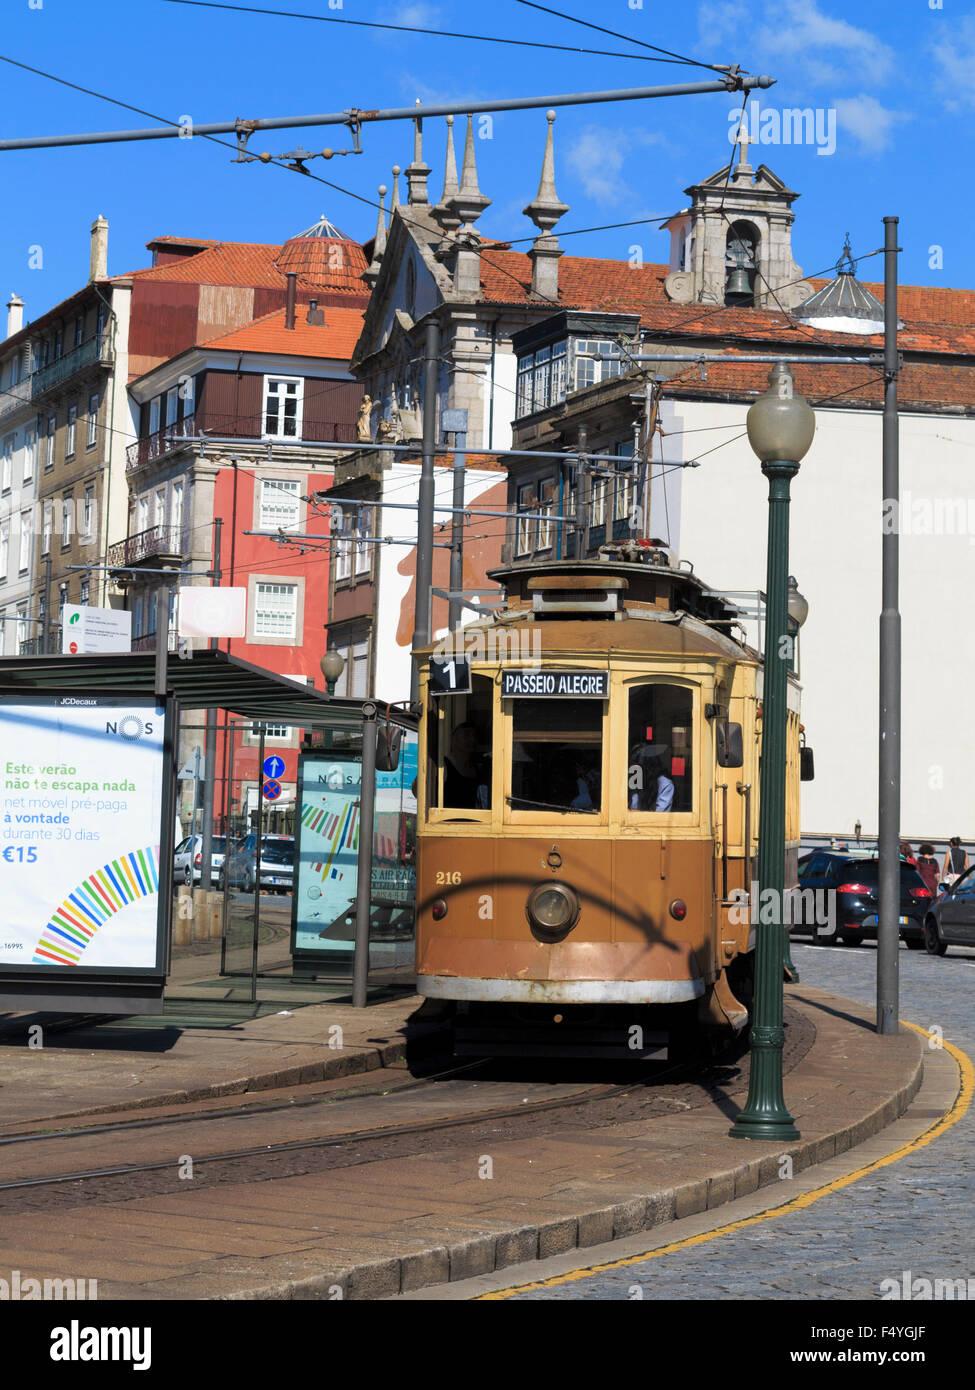 Historic tram on line 1 (one) Passeio Alegre�Infante coming round a bend on Rua Nova da Alf�ndega Porto (Oporto) - Stock Image